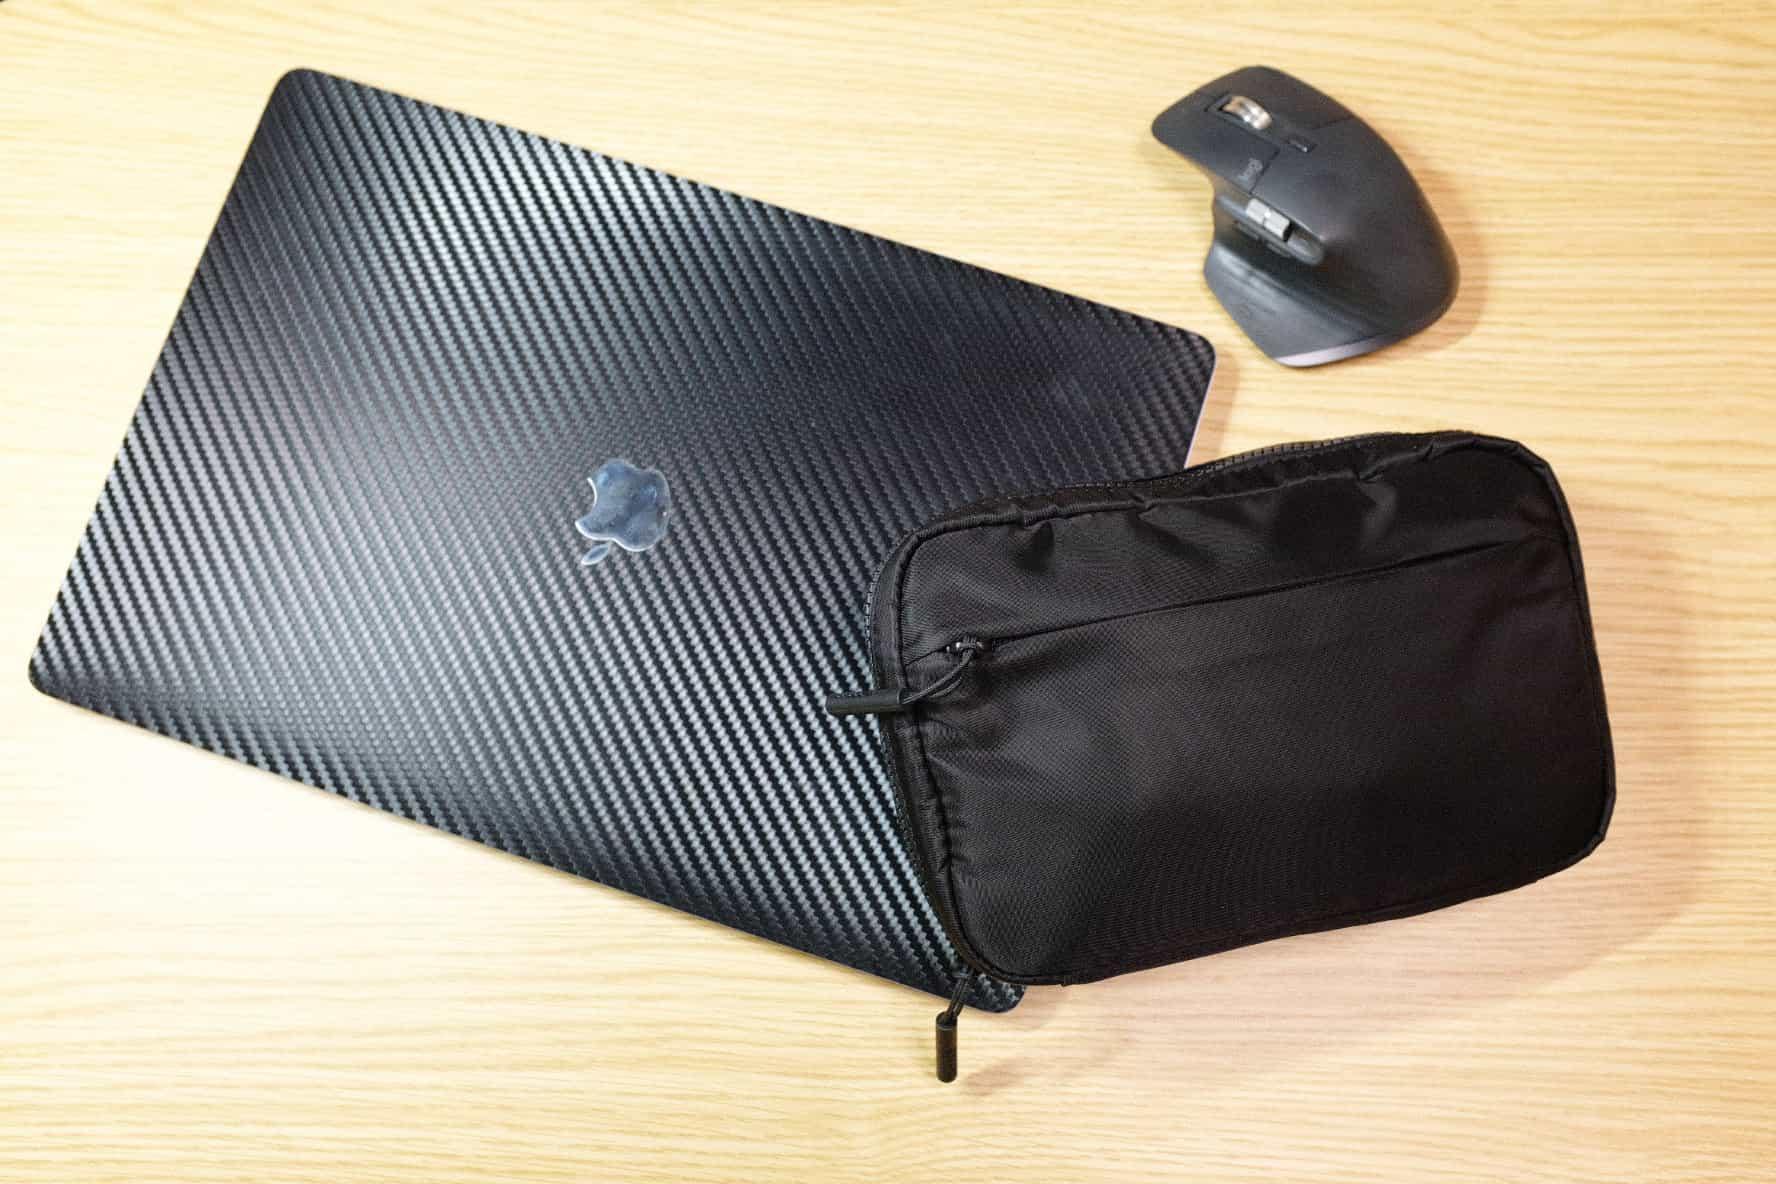 16インチMacBook Proと毎日持ち歩いているガジェットポーチの中身